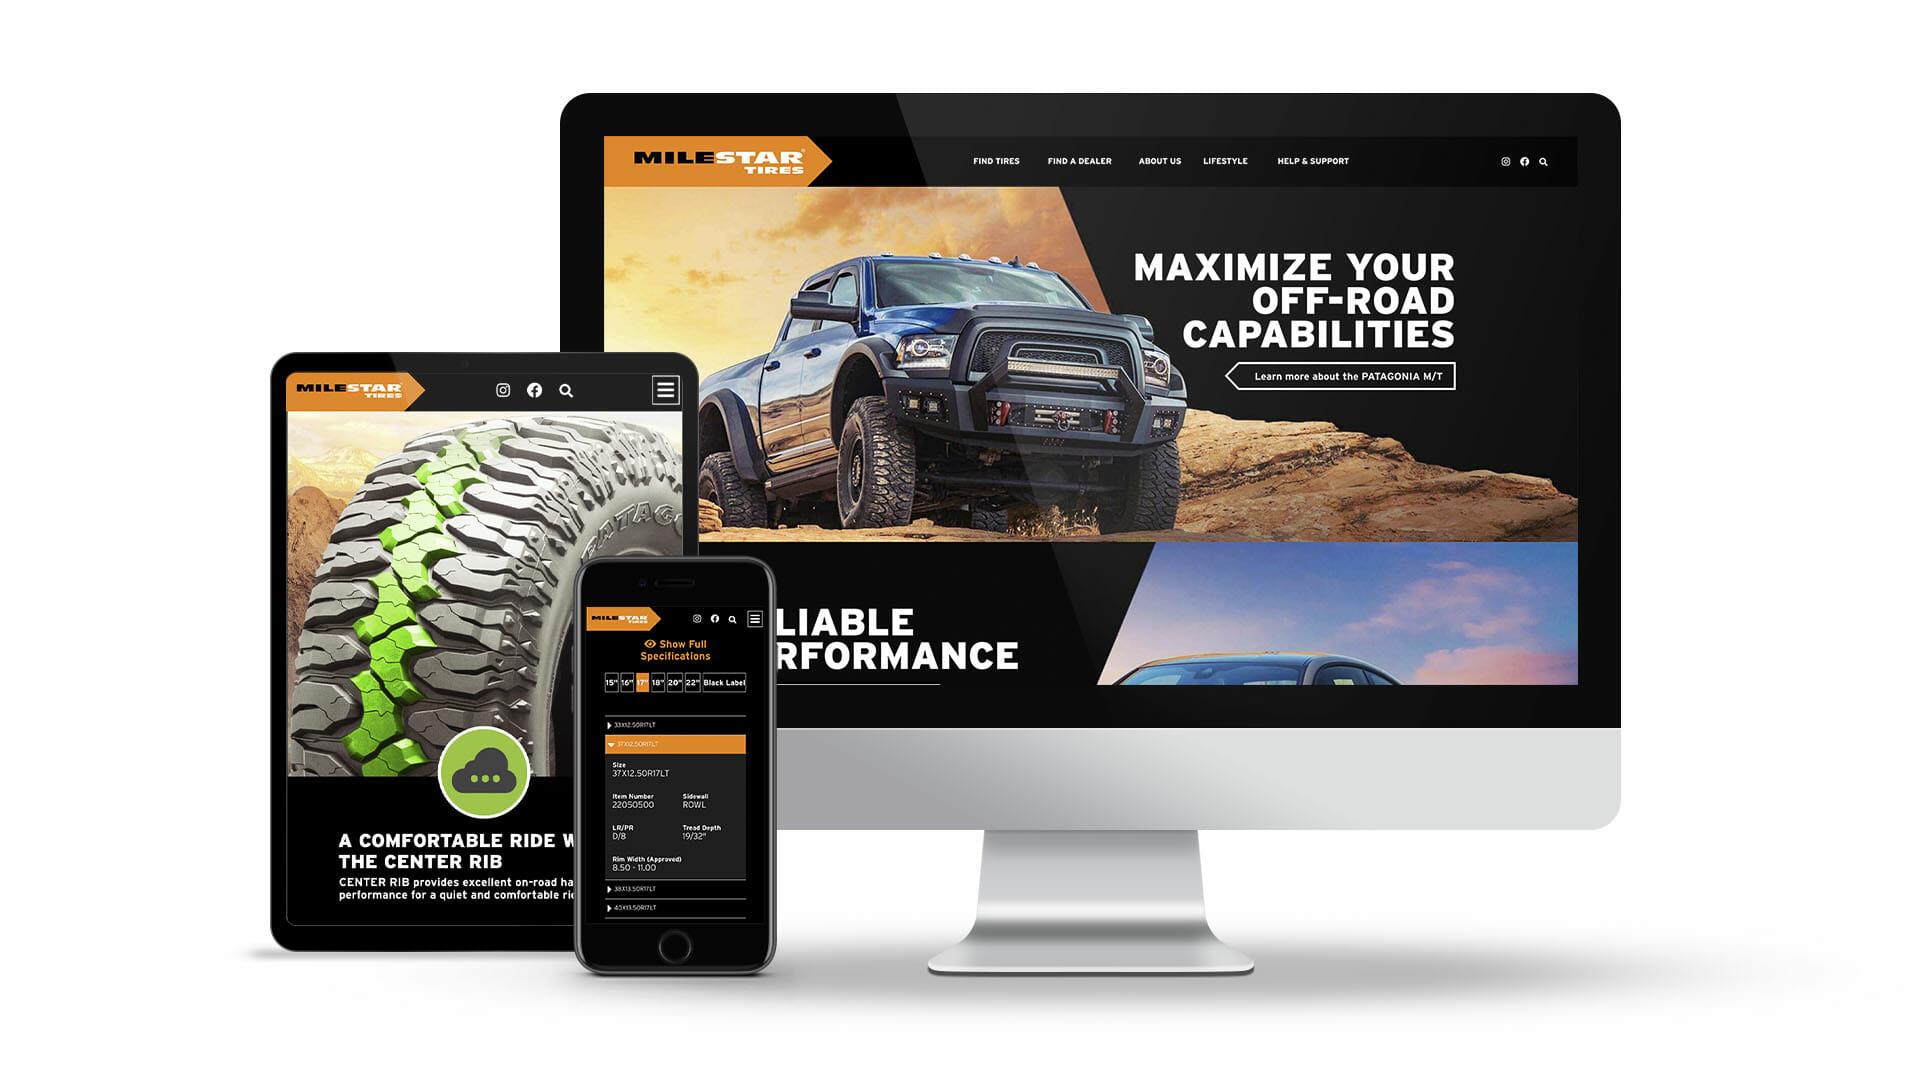 milestar tires new interactive website